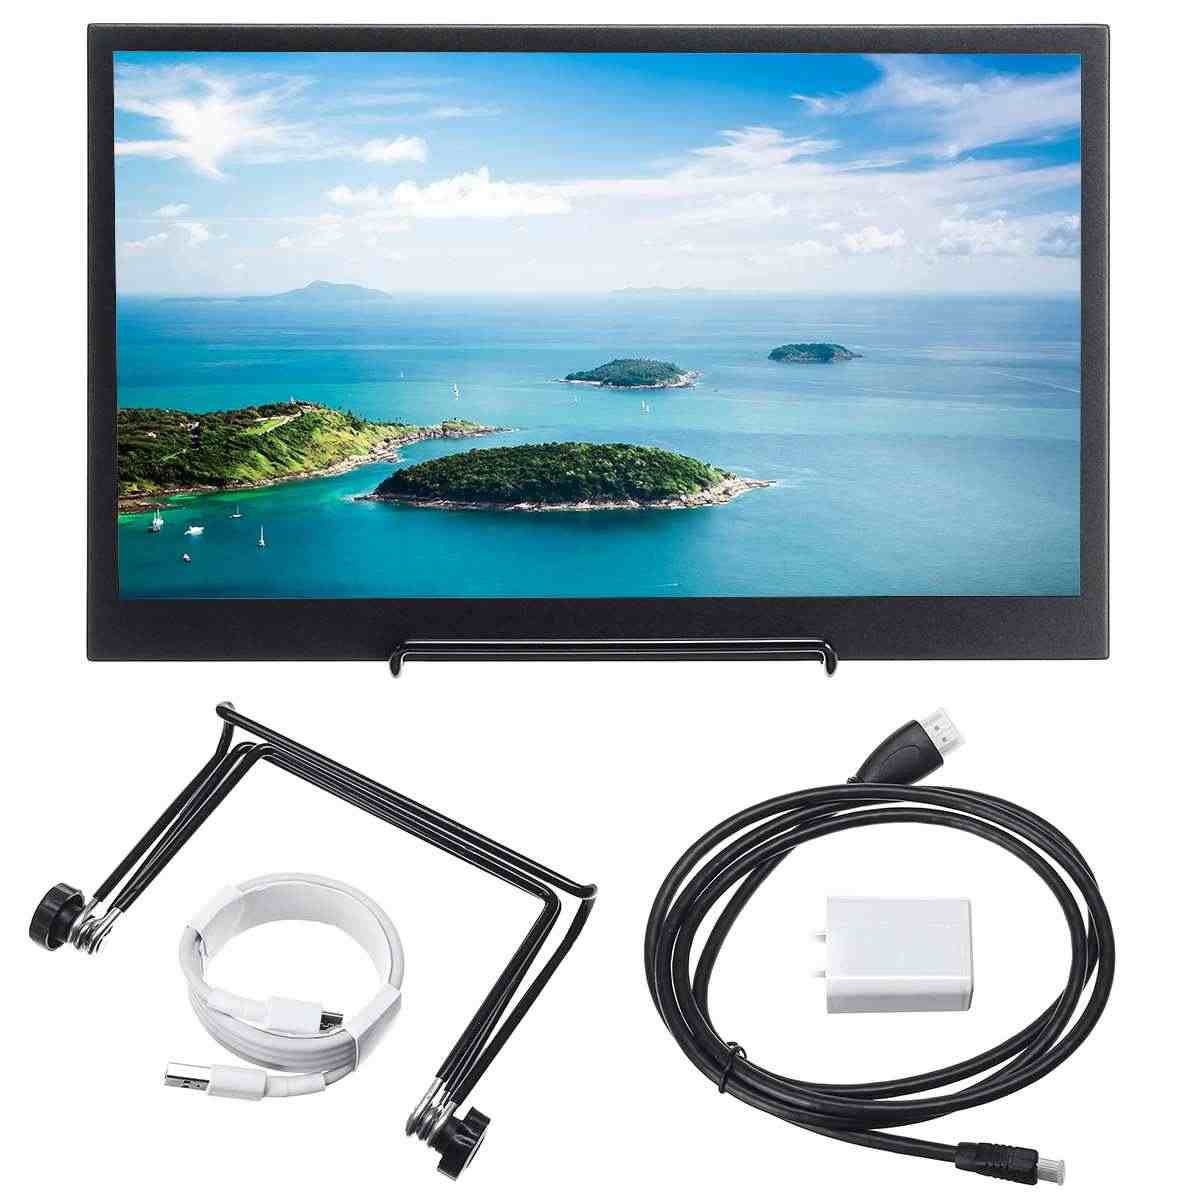 Di Động 13.3 Inch MÀN Hình LCD IPS Chơi Game Máy Tính HD 1080 P Màn Hình USB USB Màn Hình cho Công Tắc Điện Thoại Laptop dành cho PS4 dành cho XBOX